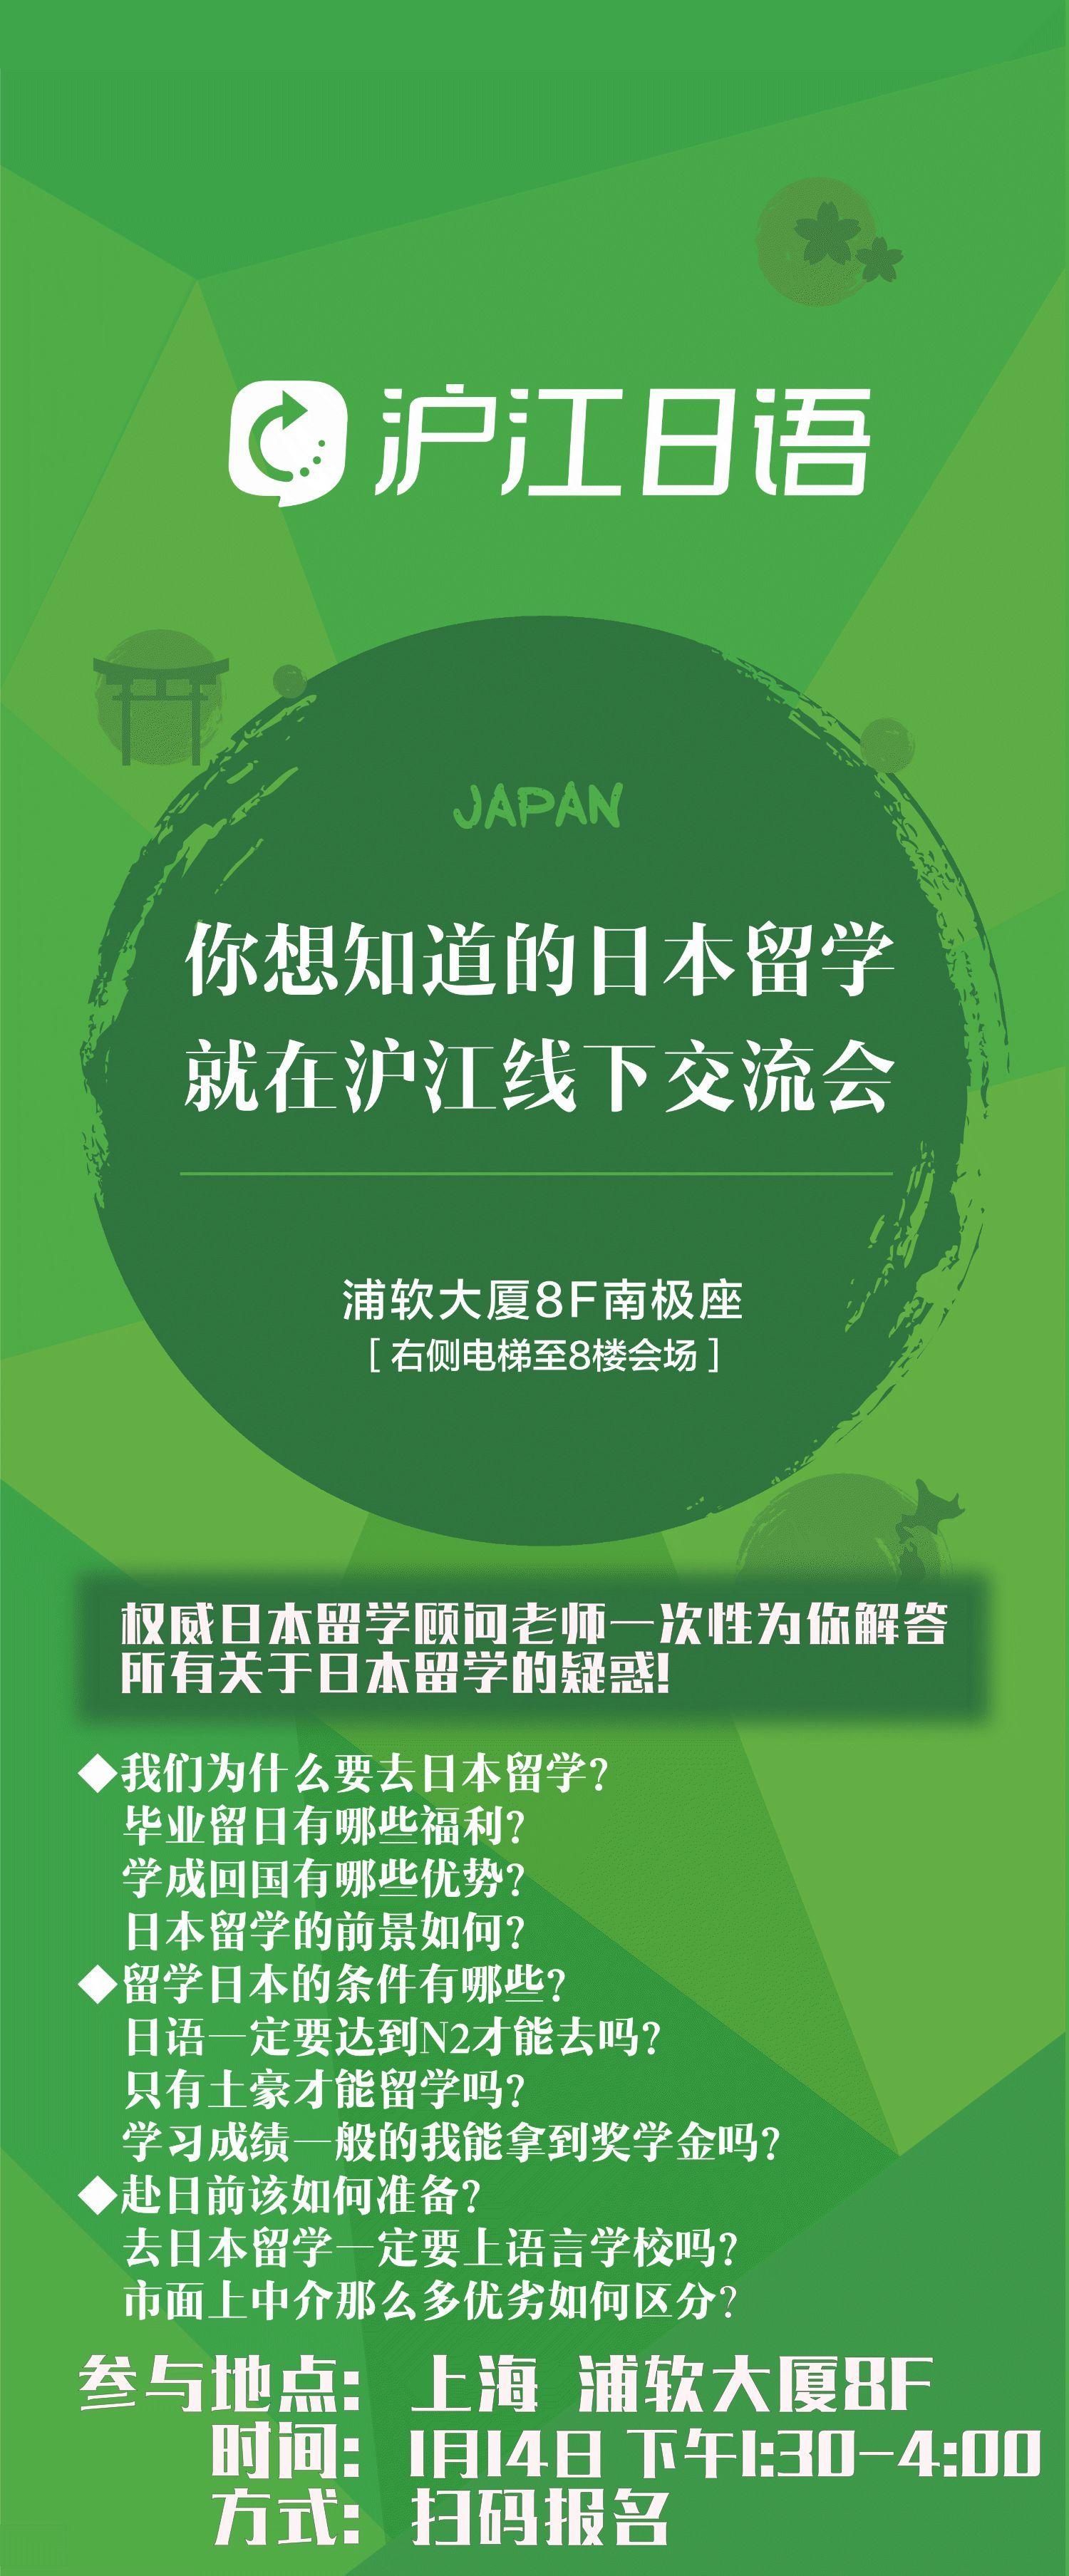 关于日本留学,这里有一个免费线下面对面请教